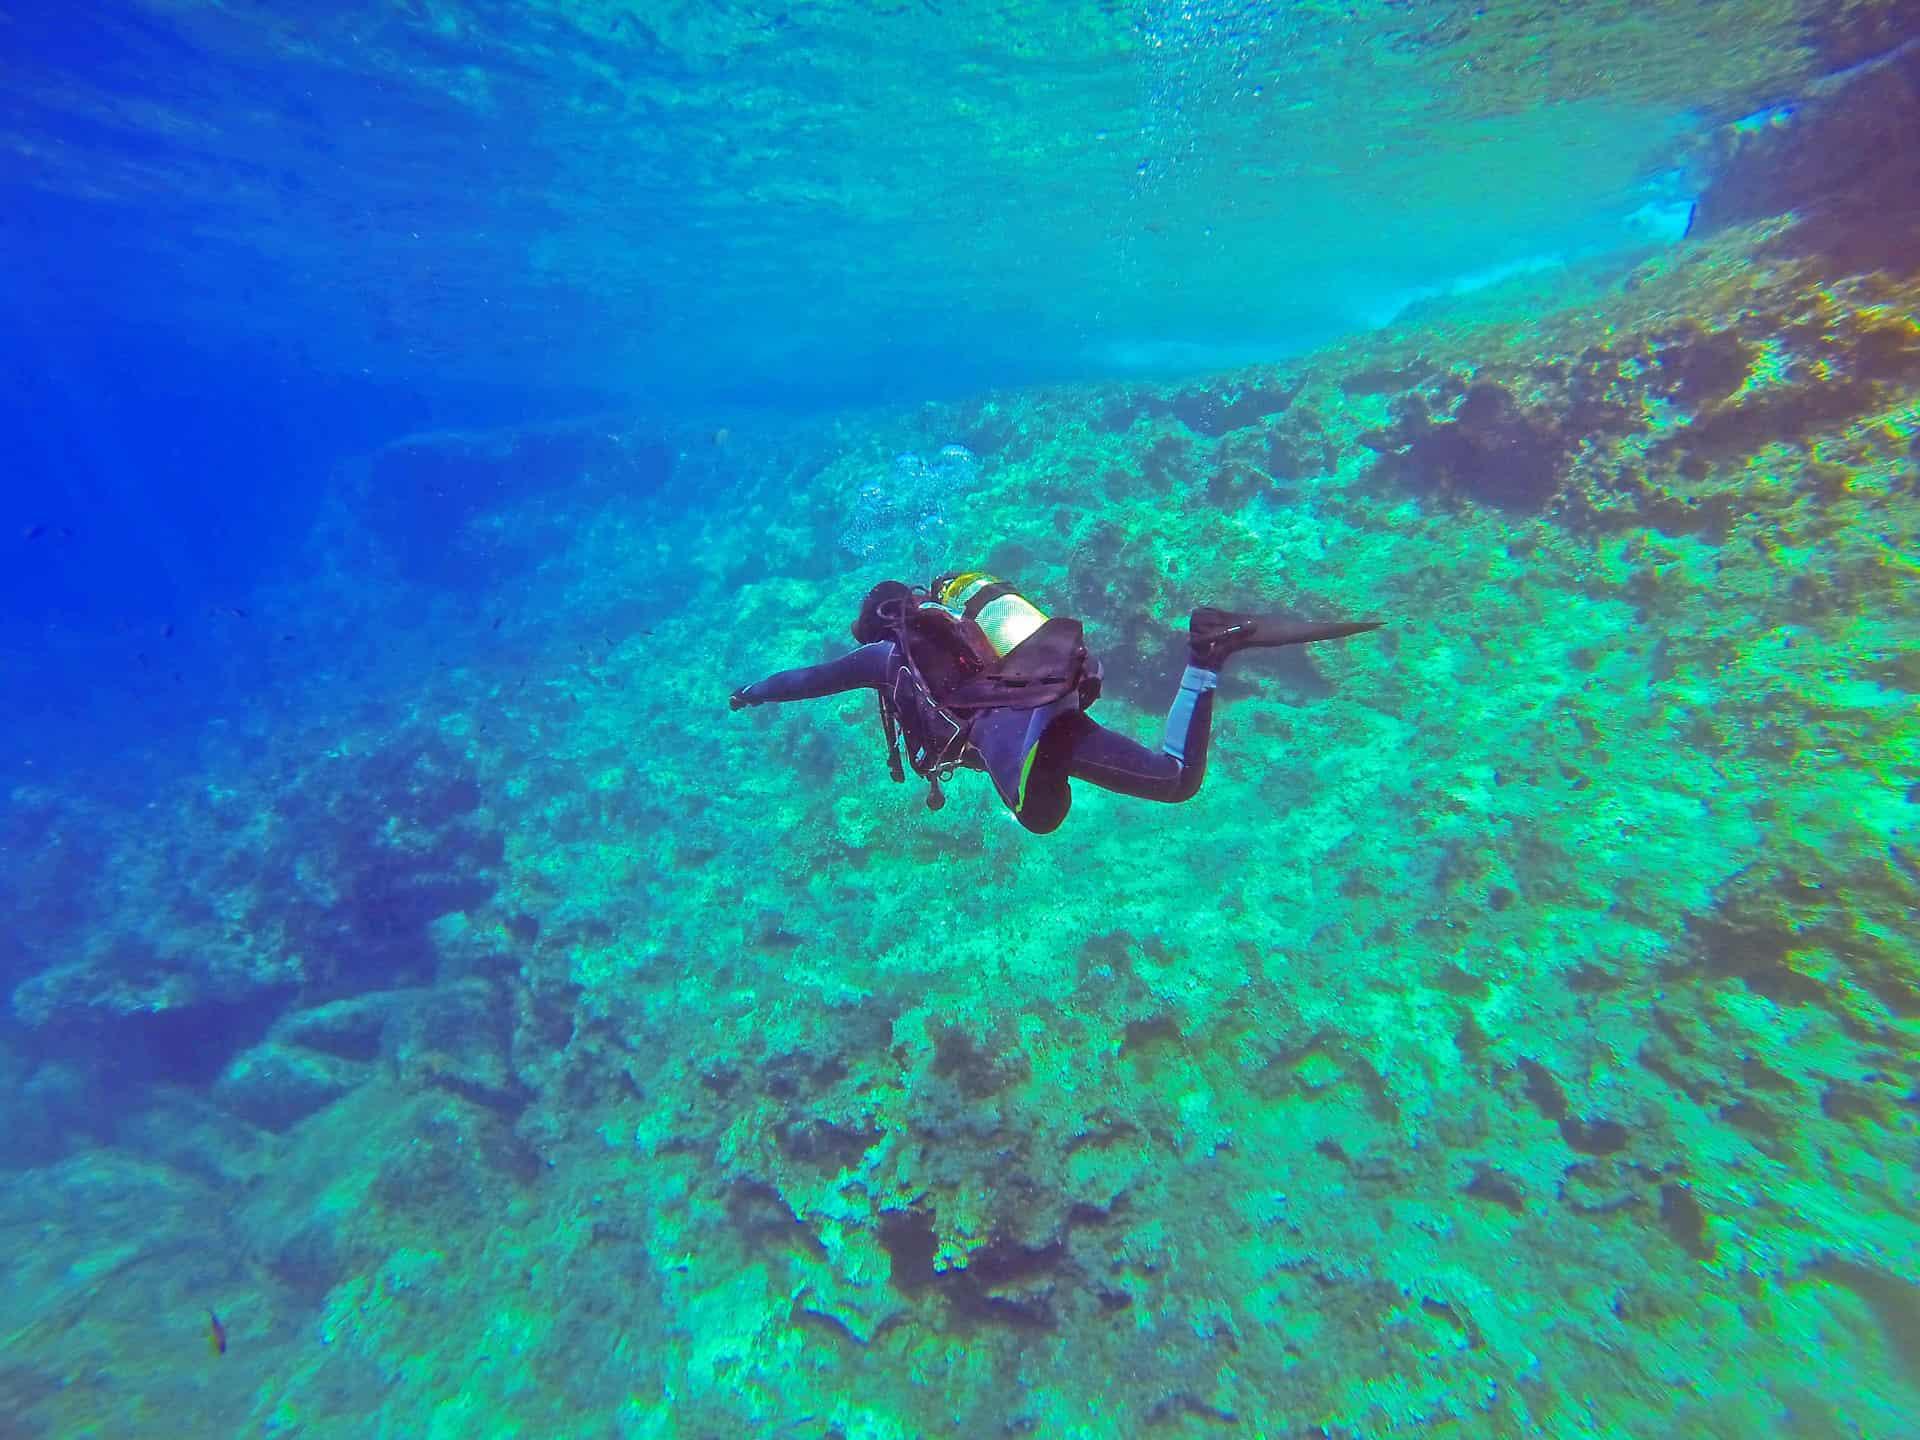 osoba nurkująca w lazurowym morzu